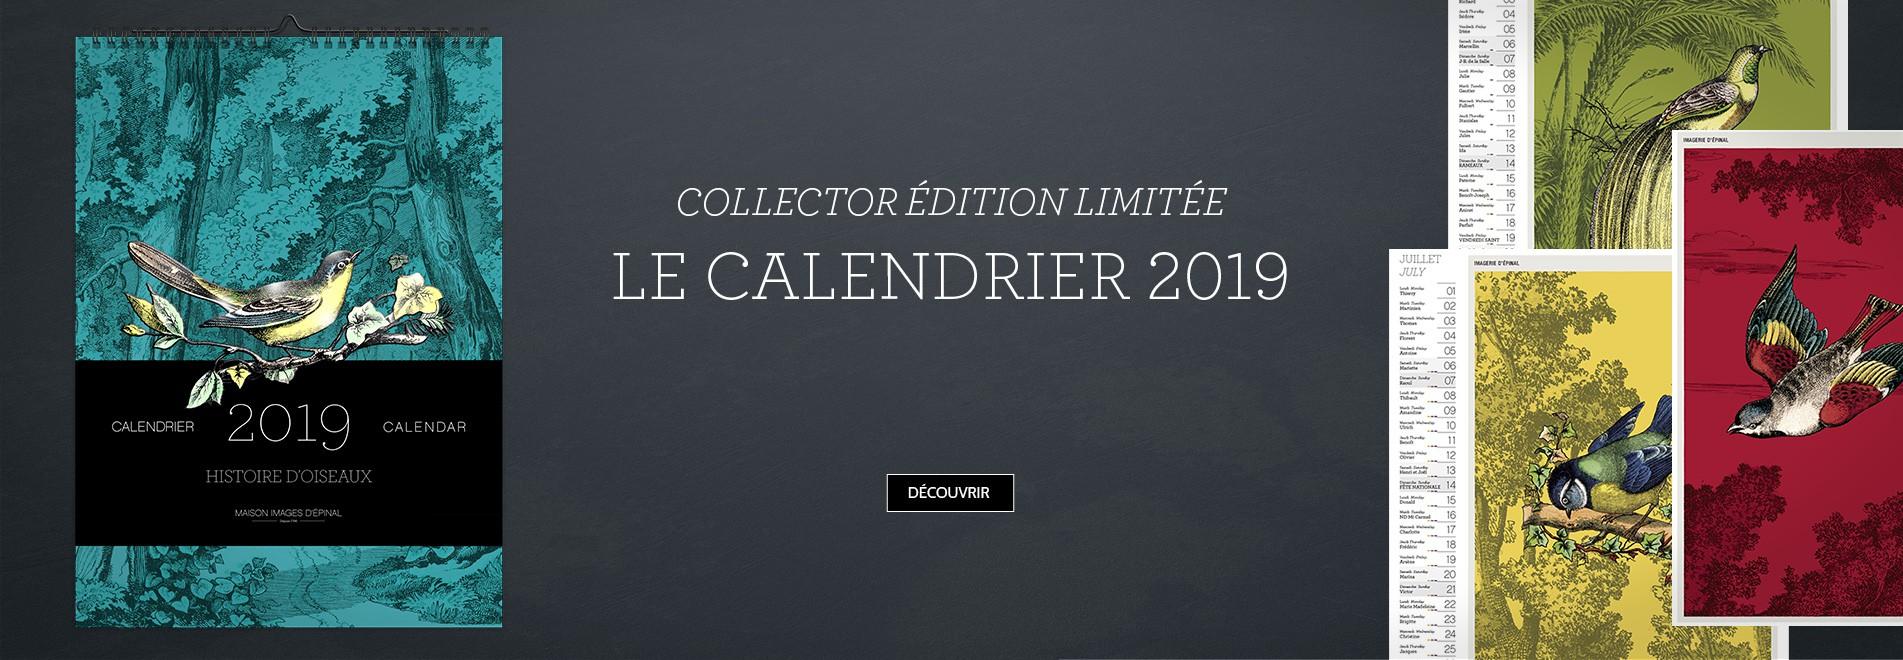 Le calendrier 2019 collector édition limitée